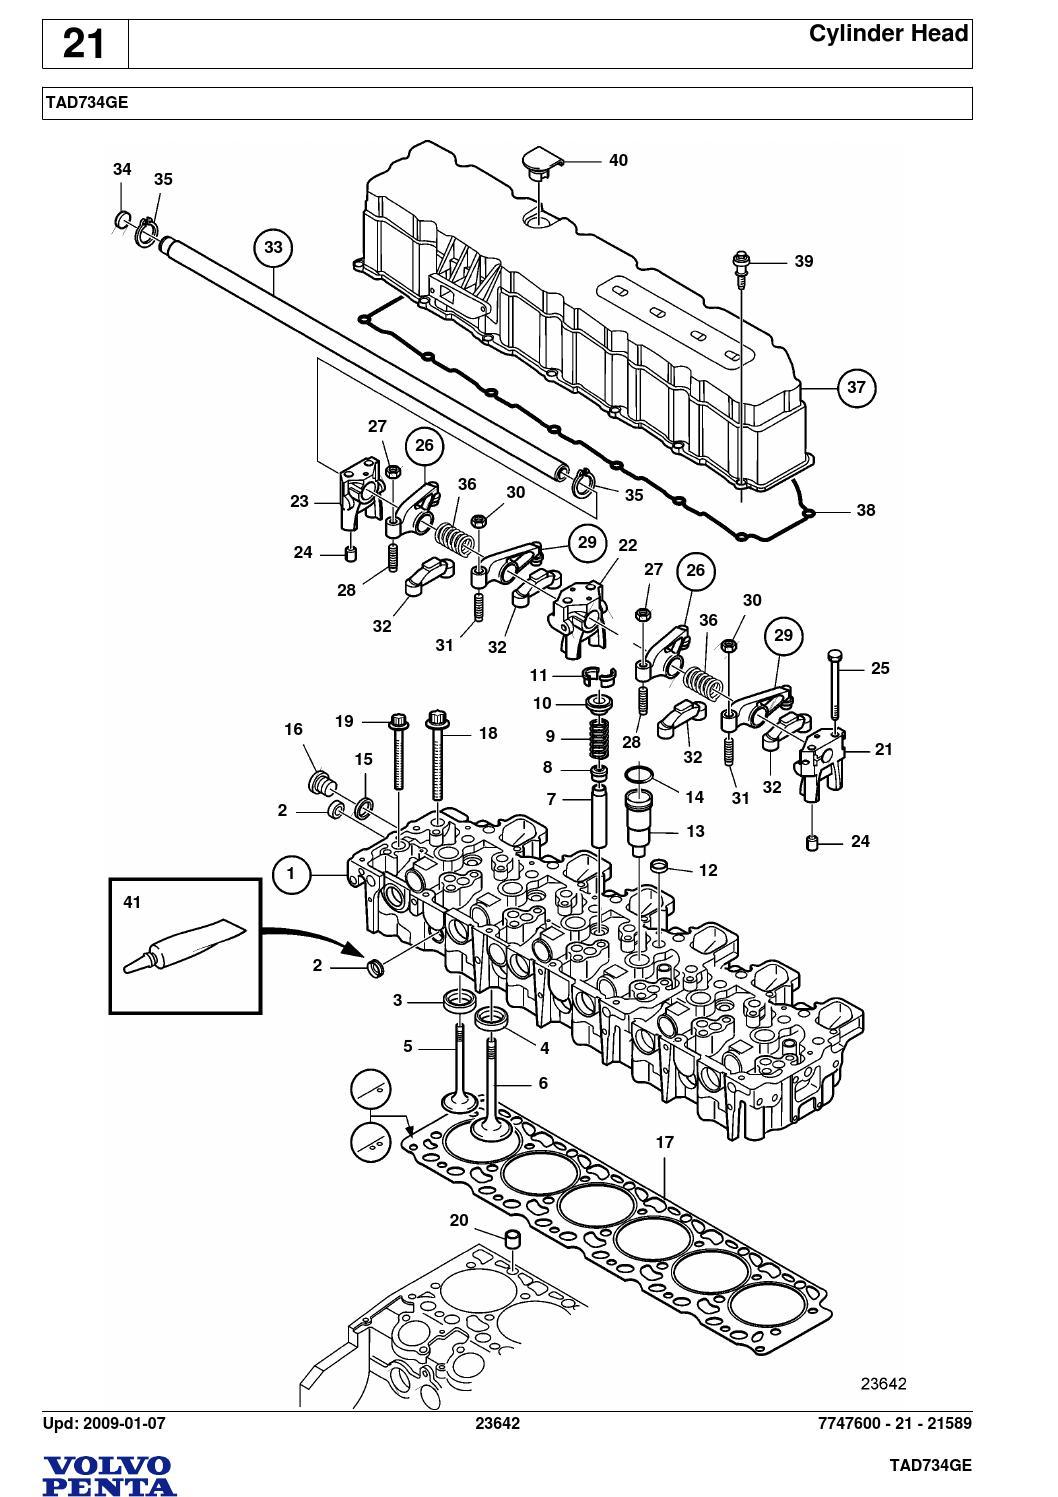 Ziemlich Volvo Penta Generator Schaltplan Galerie - Der Schaltplan ...